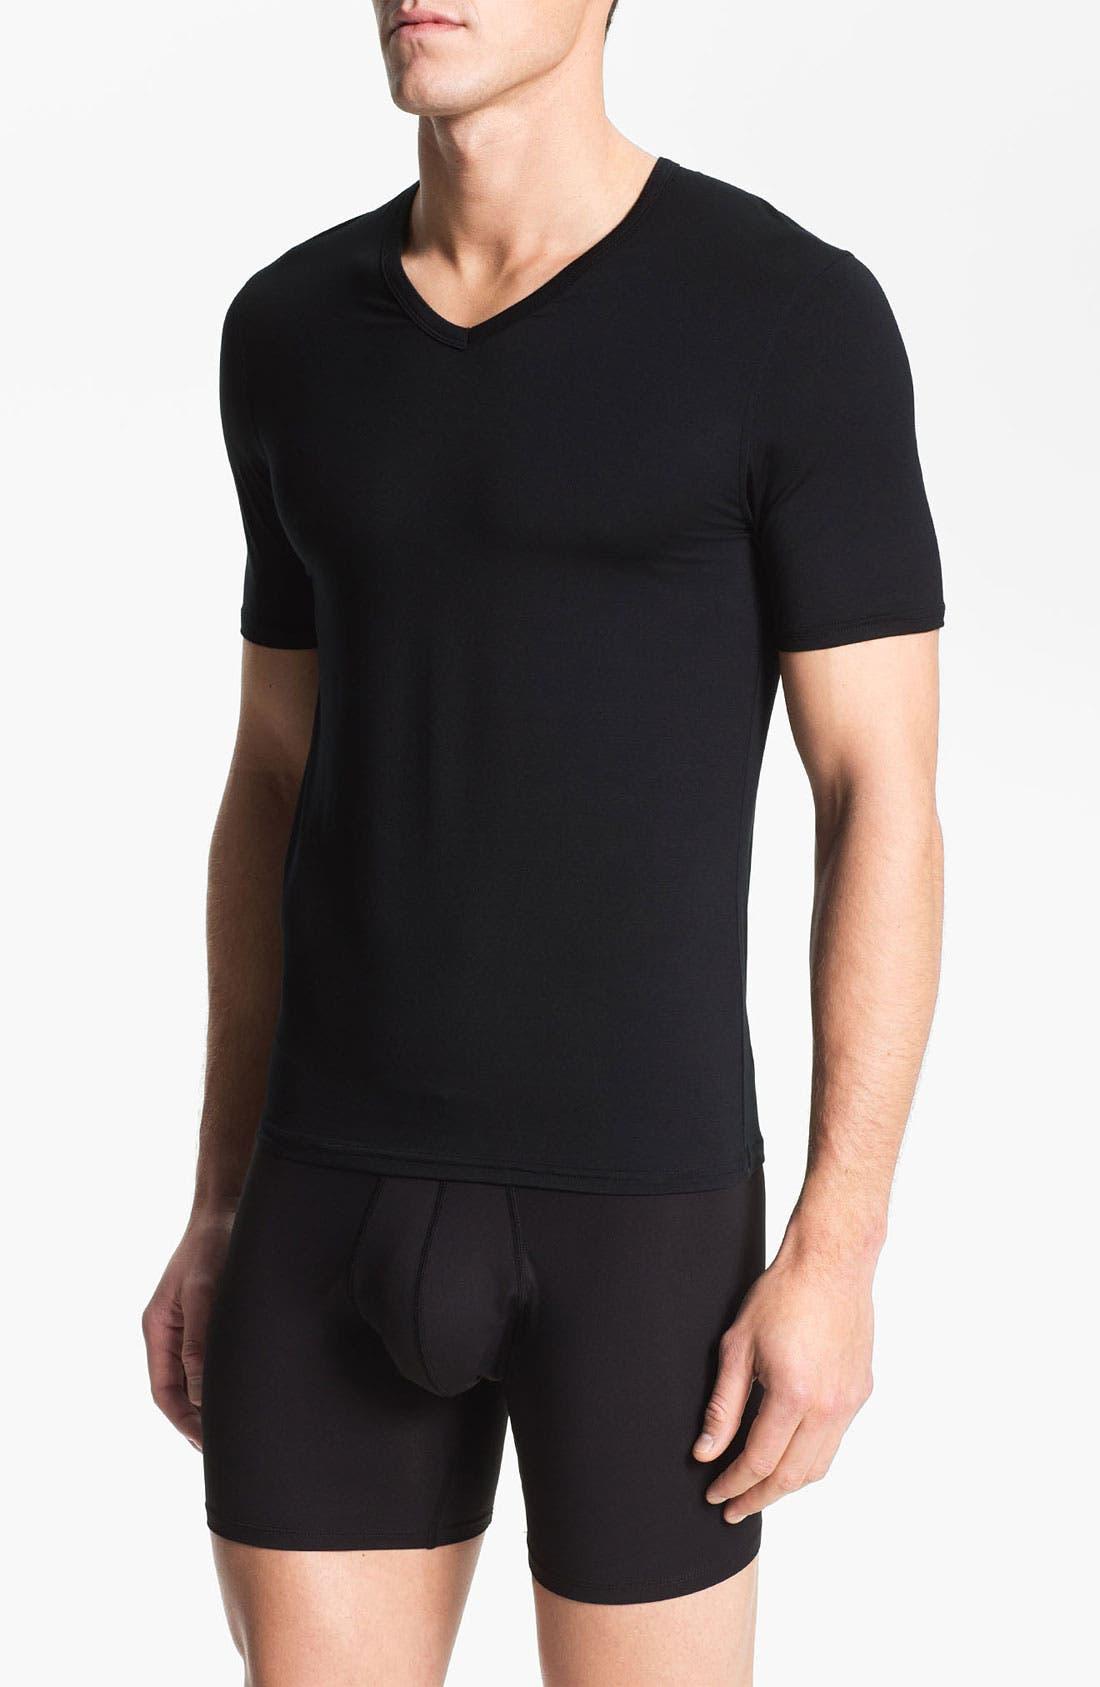 Main Image - Naked V-Neck Micromodal Undershirt